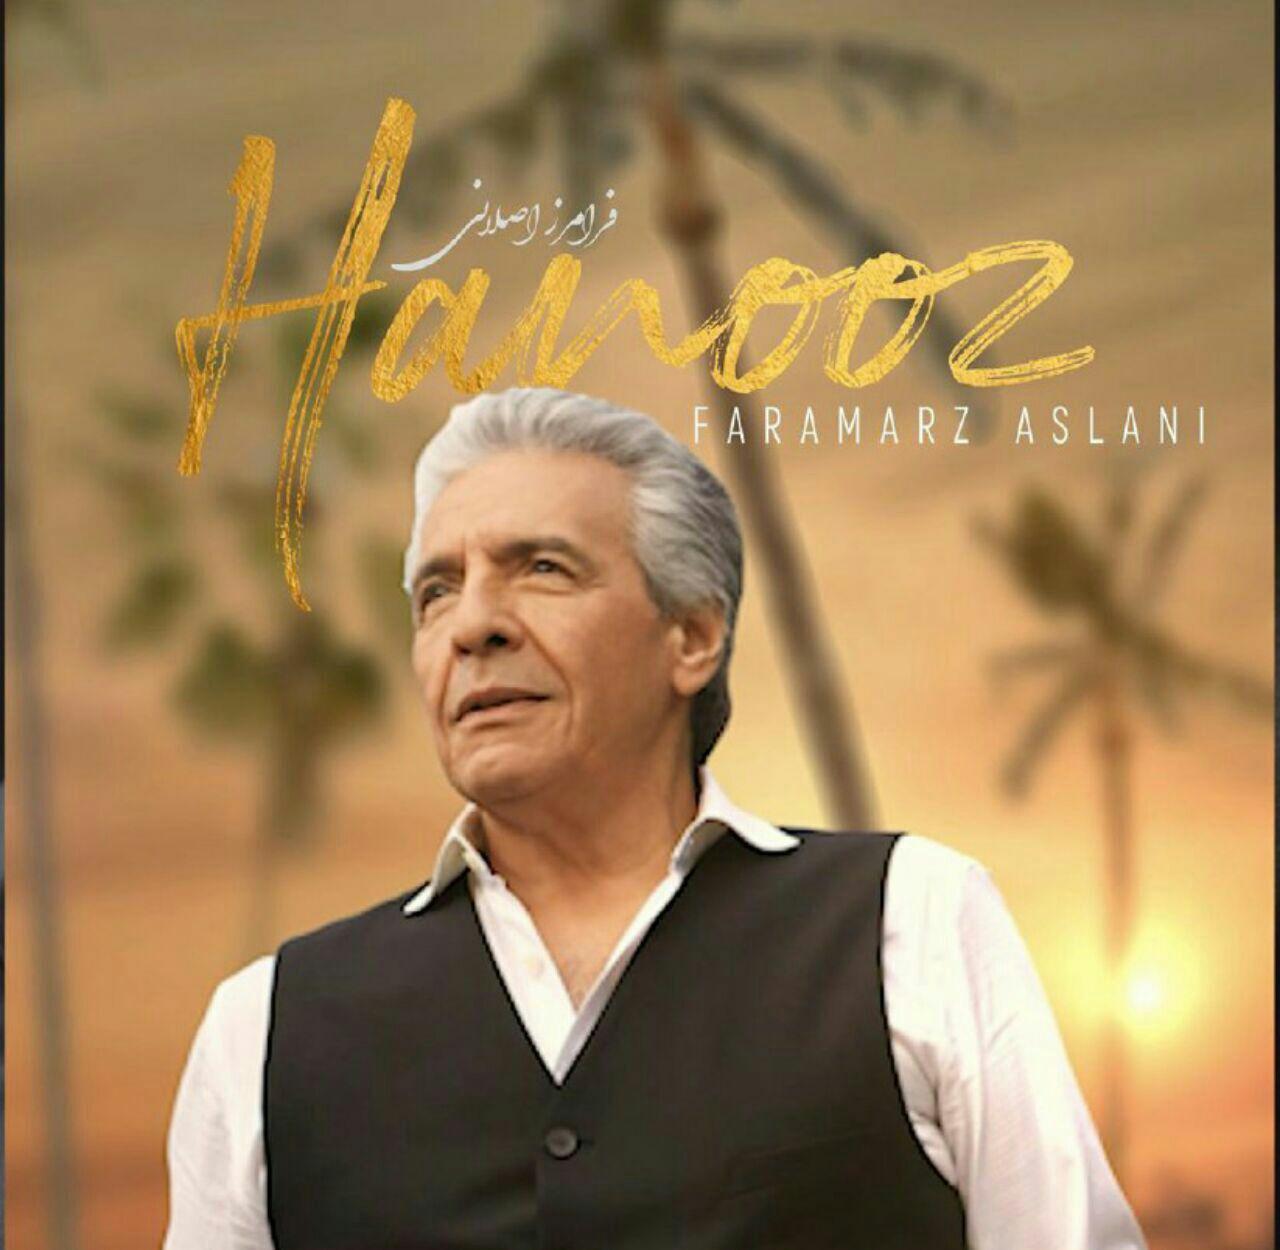 Faramarz Aslani – Hanooz